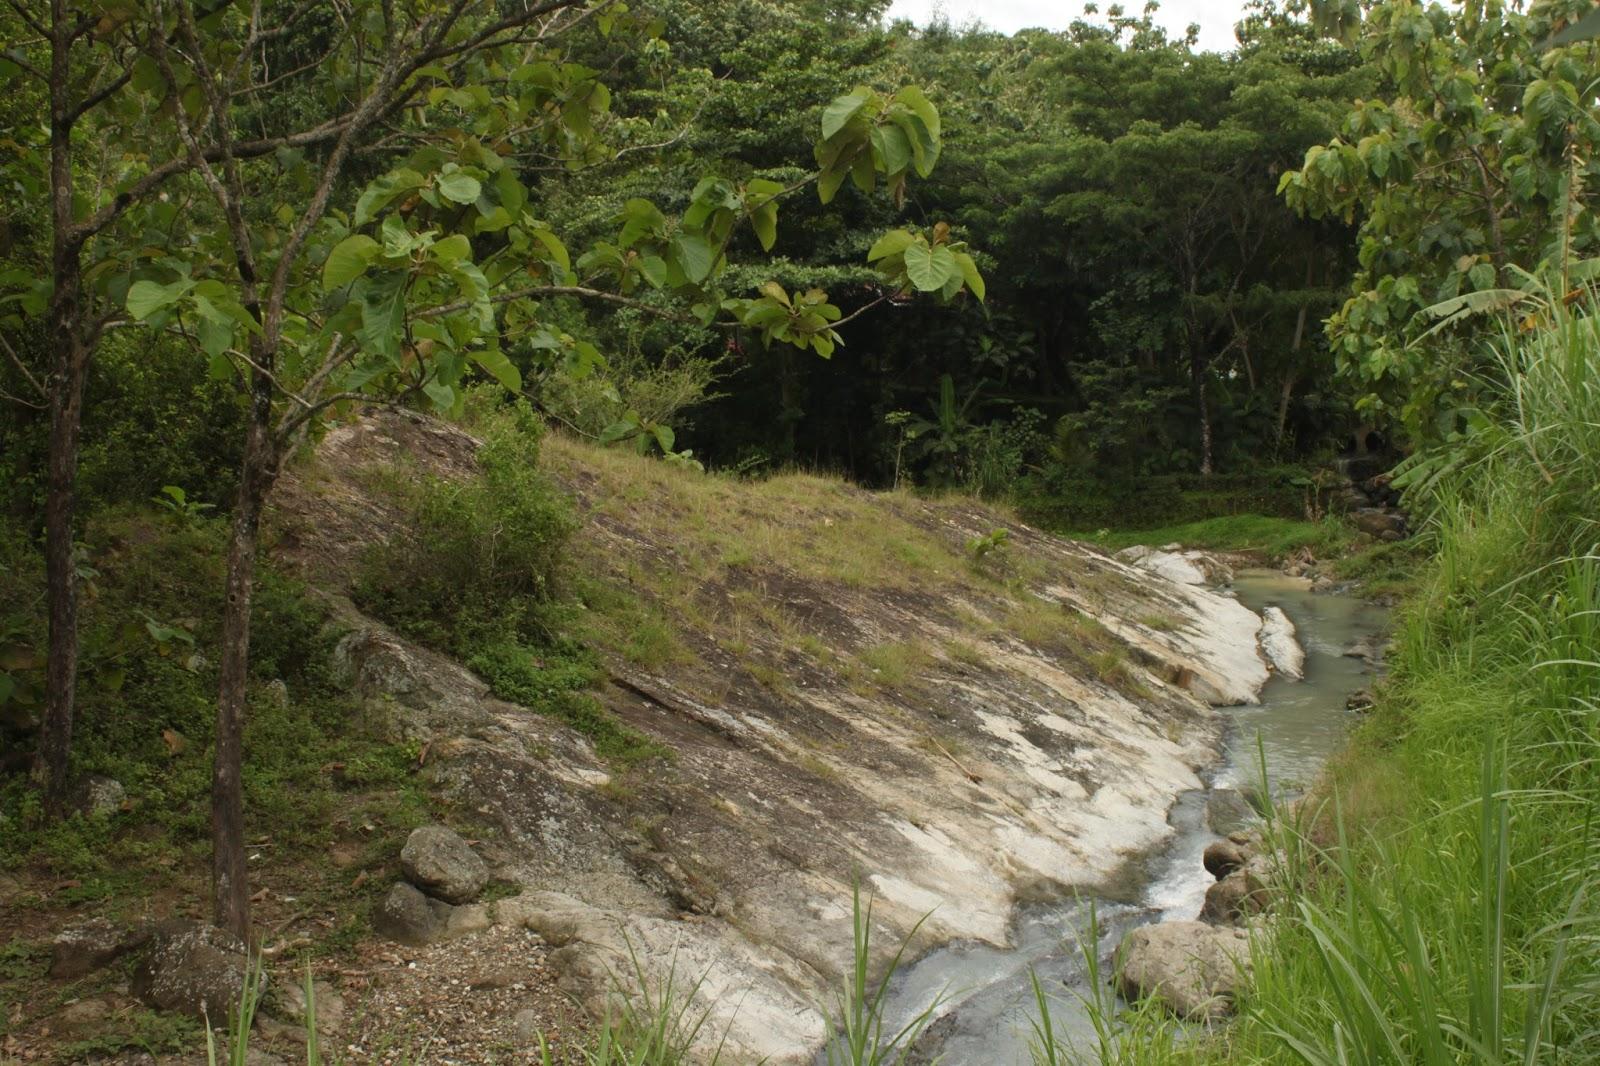 Hutan Kecil Curug Bayat Ngulik Yuk Bro Letak Tepatnya Berbatasan